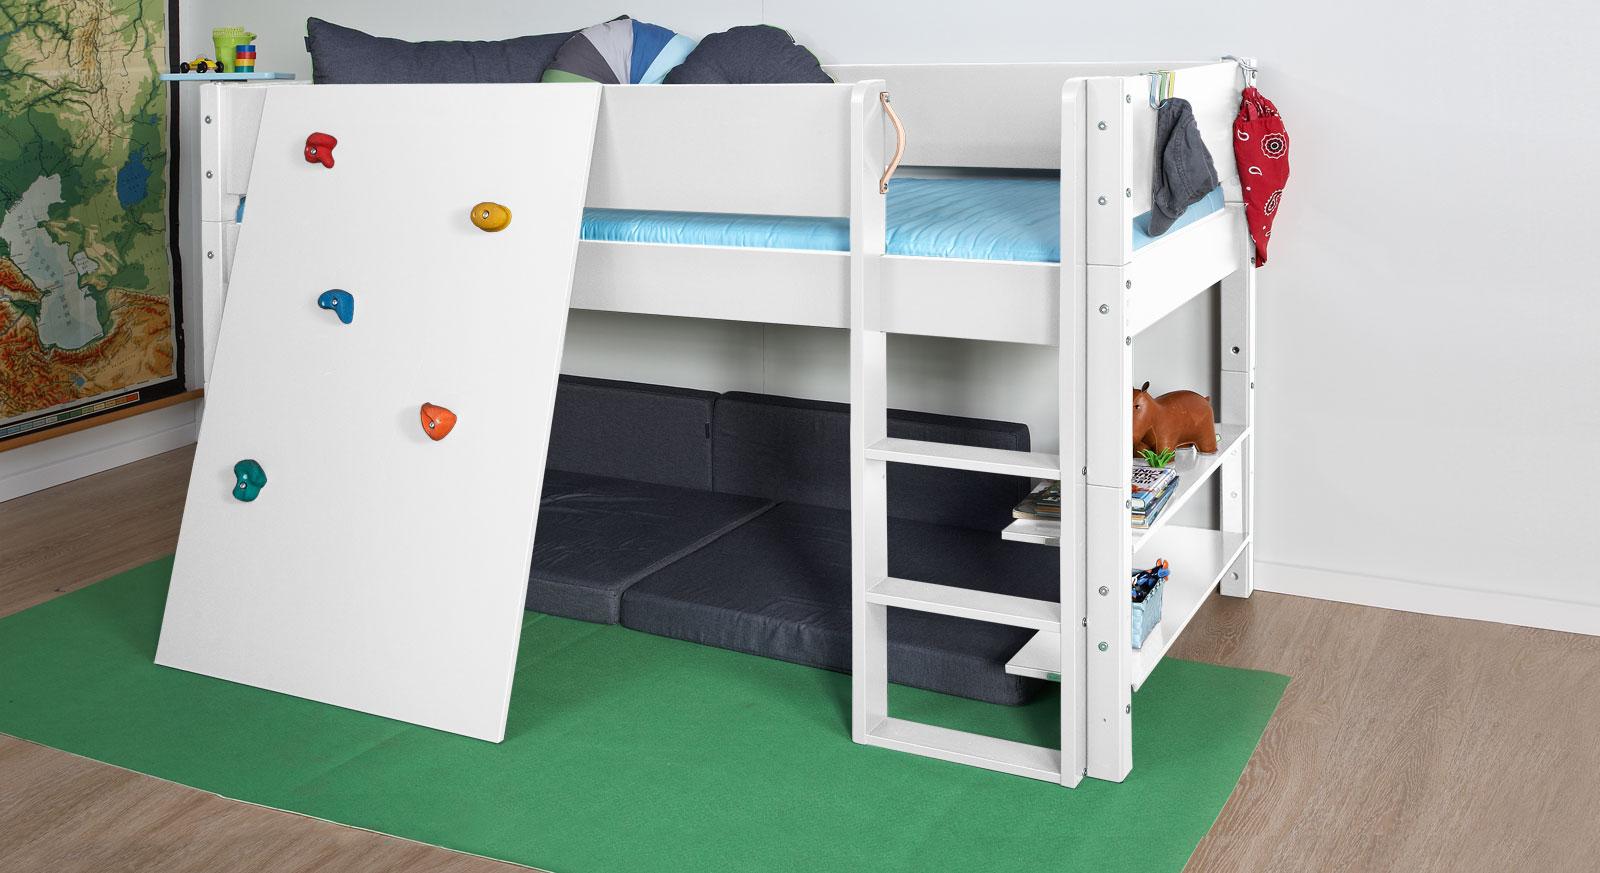 Niedriges Hochbett z. B. in Weiß mit Kletterwand - Kids Town